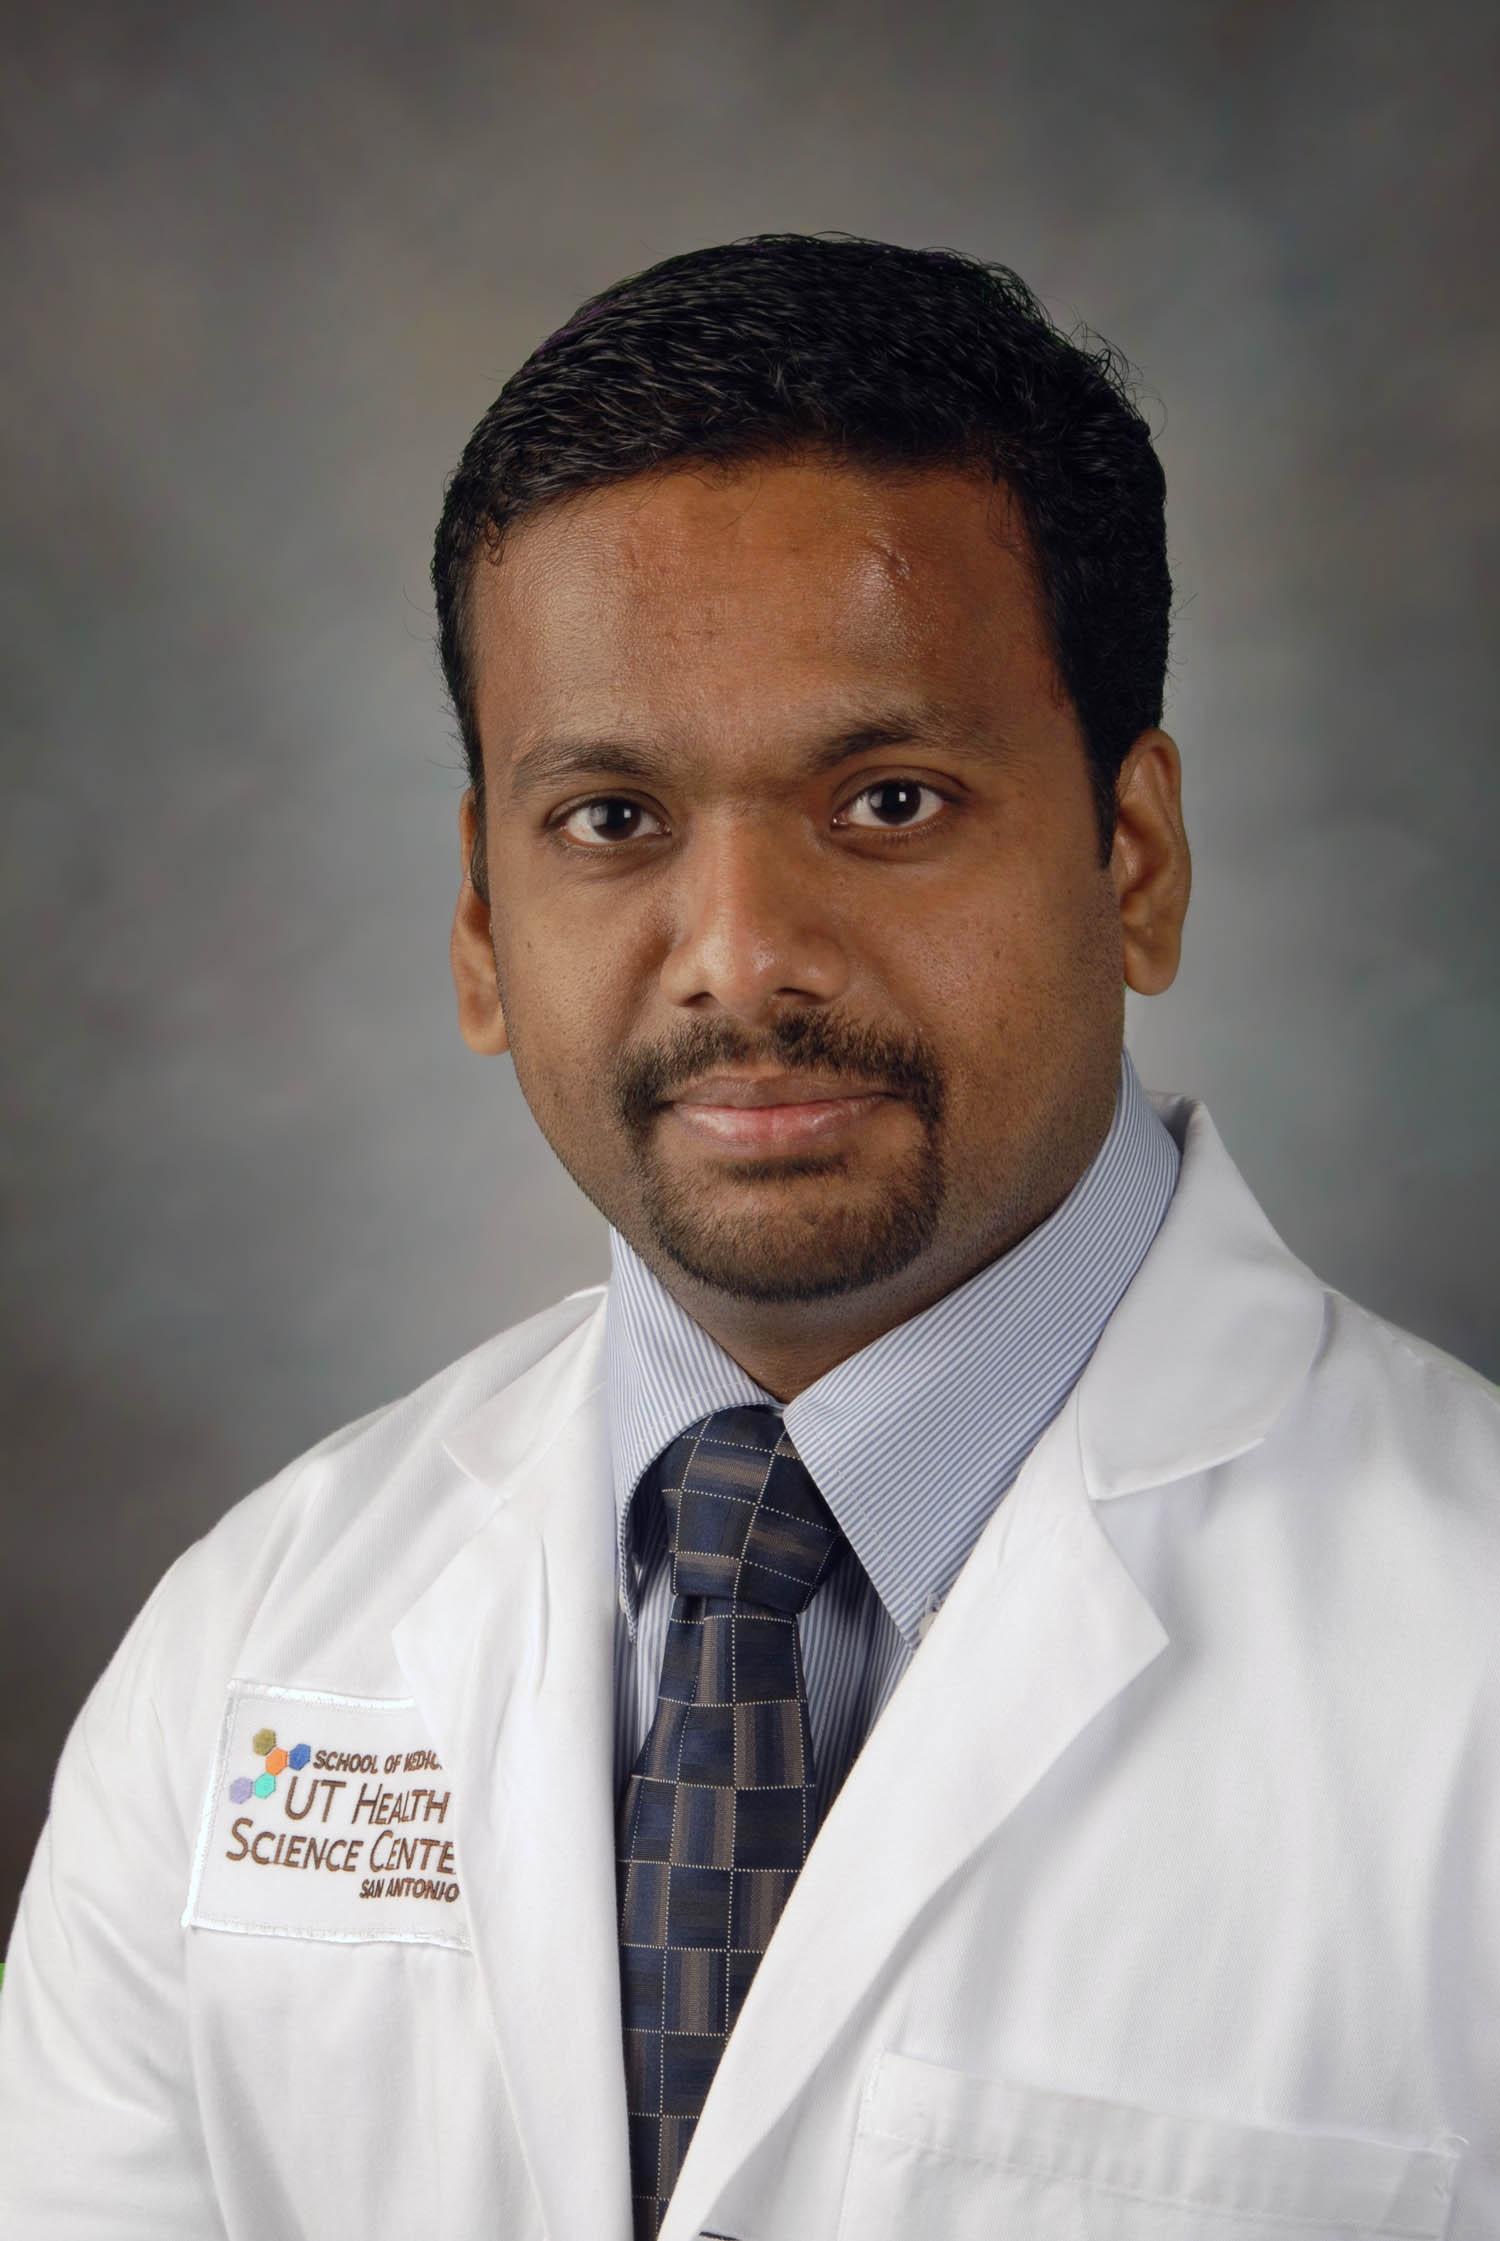 Dr. Hareesh Babu Bhaskaran Nair